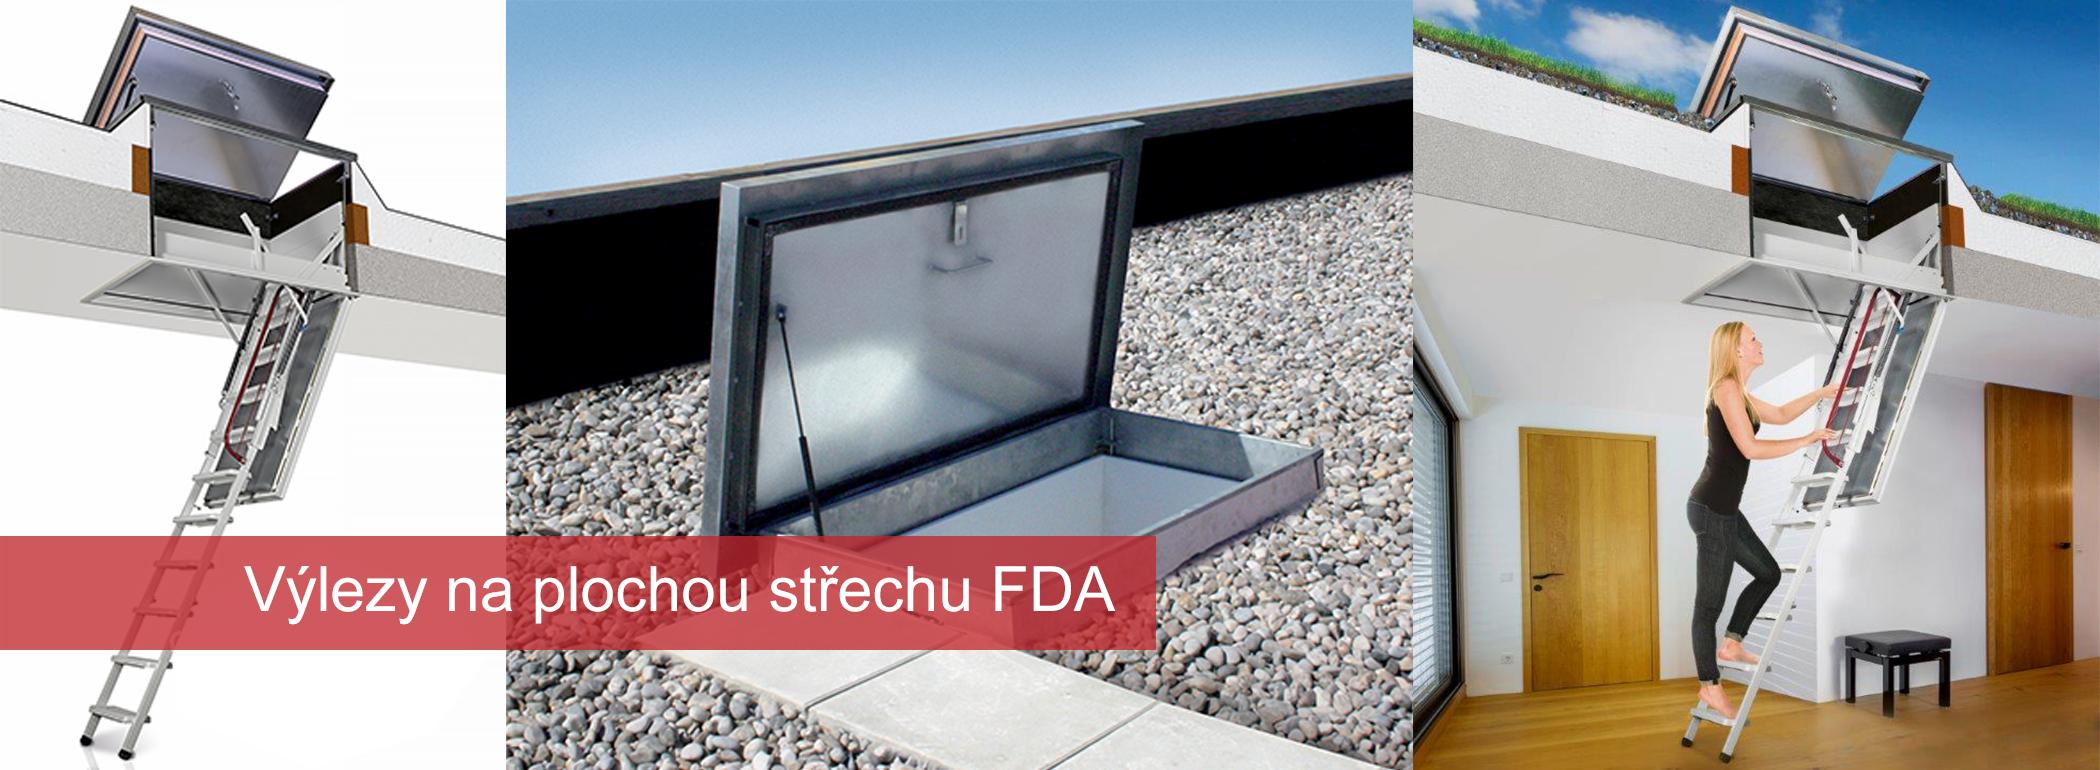 Výlez na plochou střechu FDA